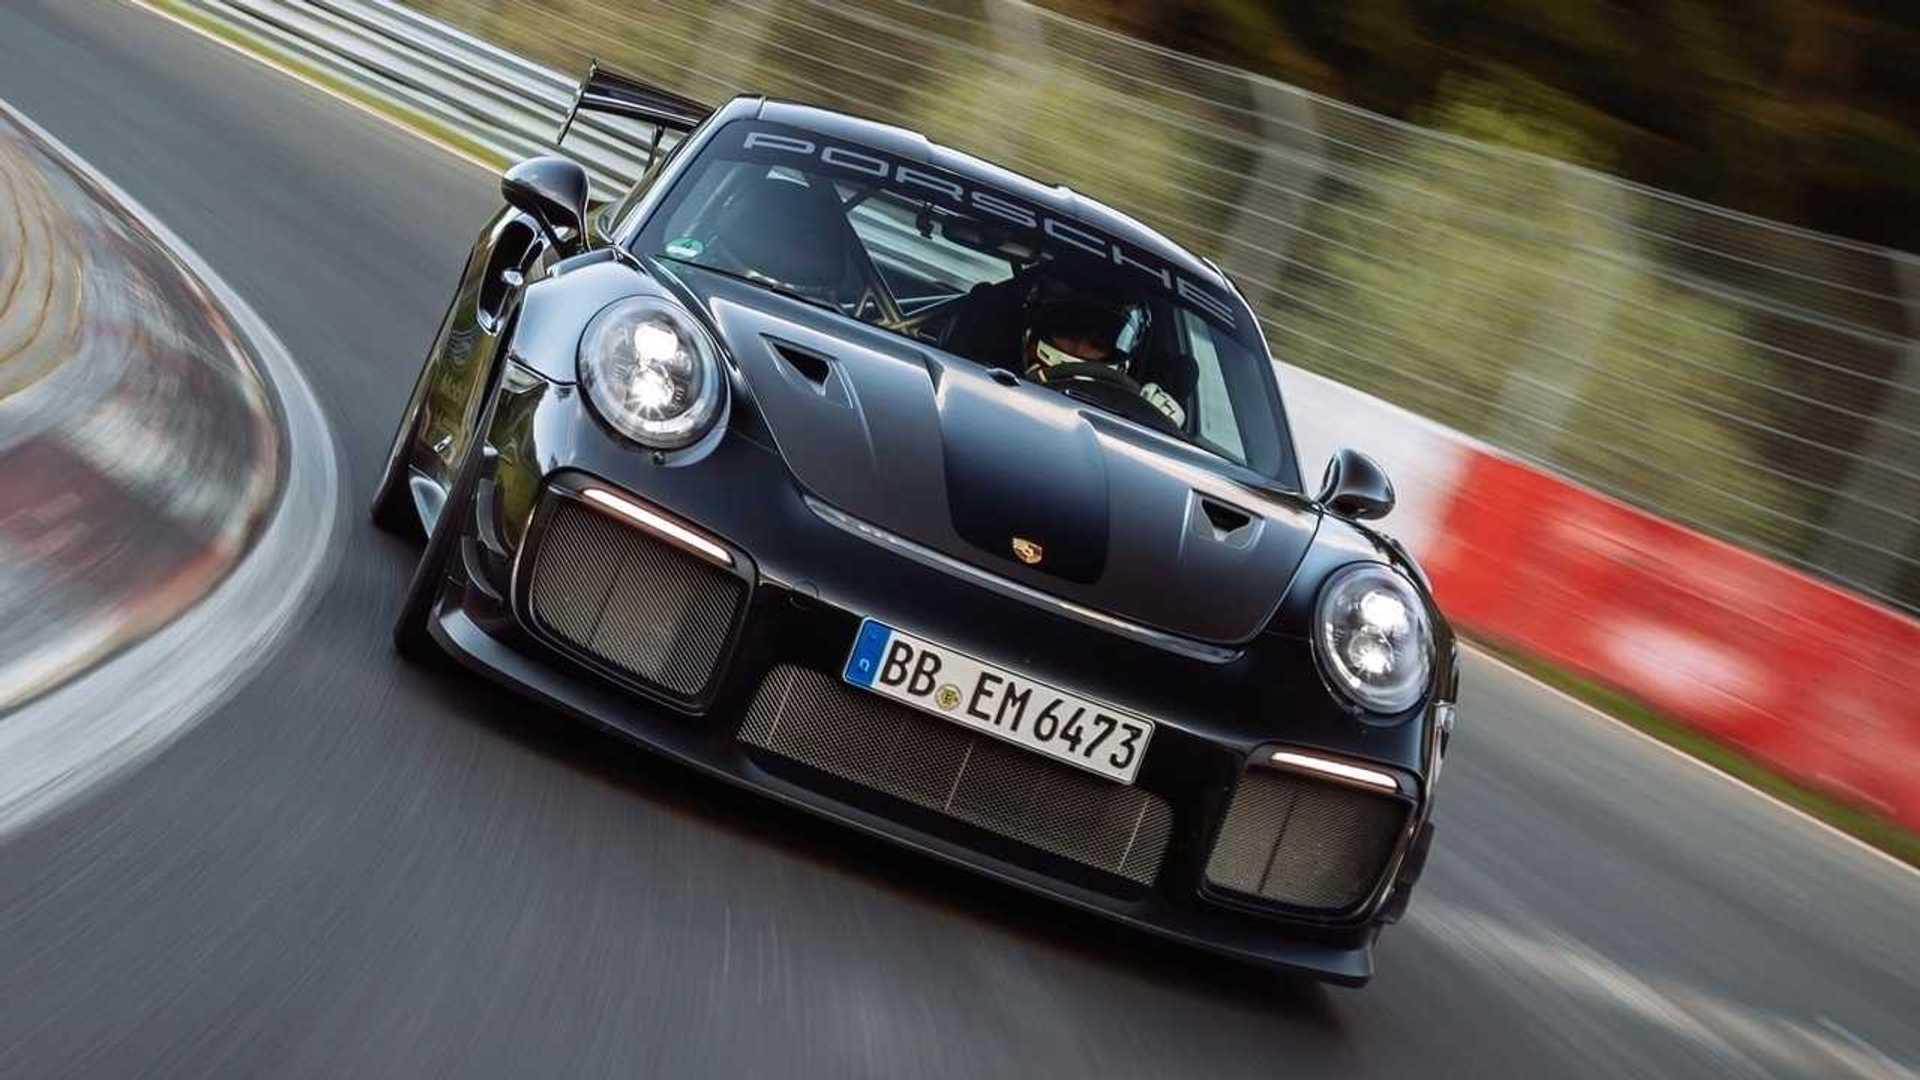 La Porsche 911 GT2 RS s'octroie un nouveau record au Nürburgring